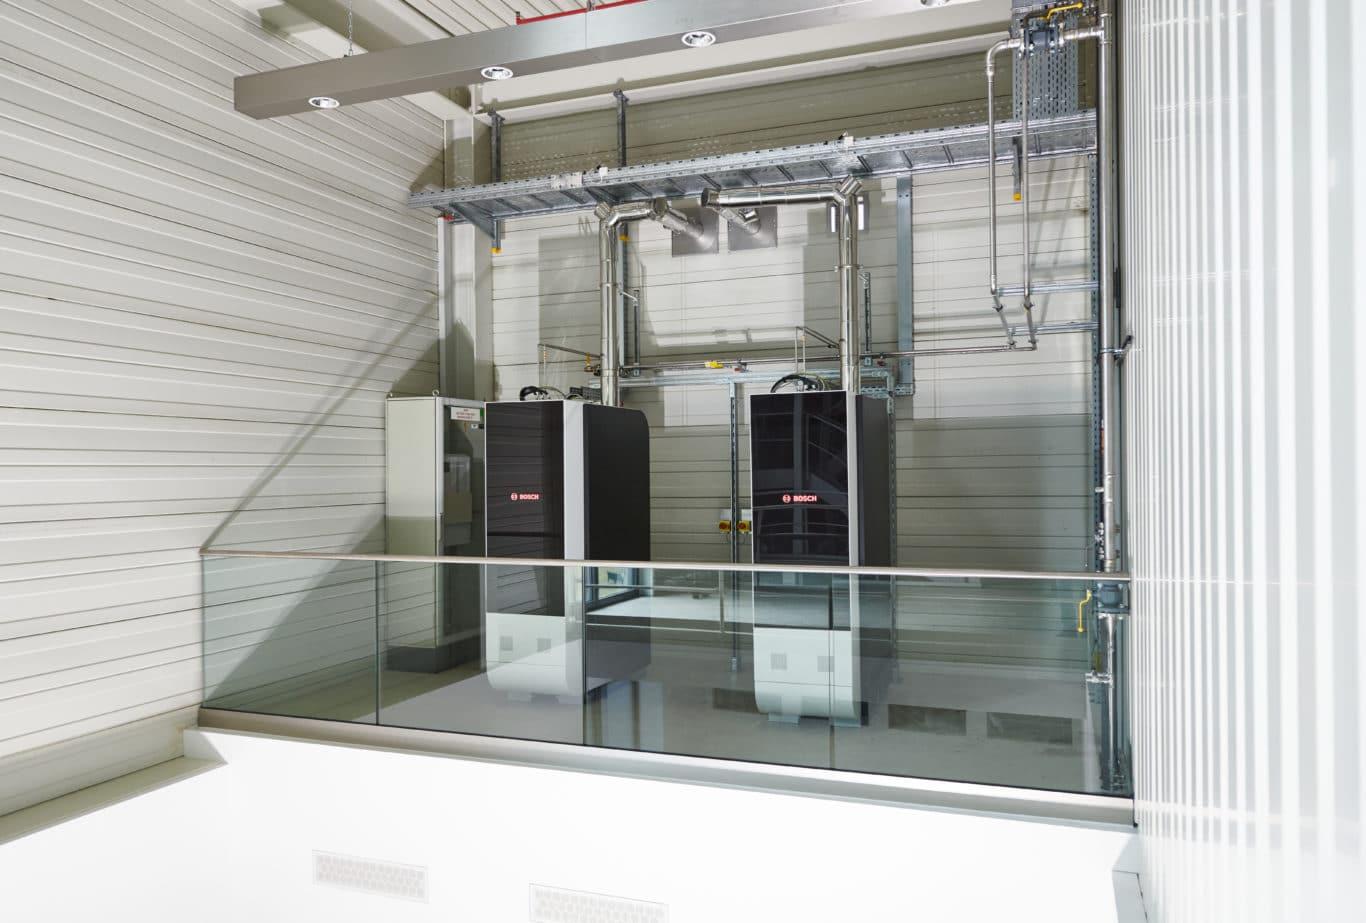 SOFC-Pilotanlagen im erfolgreichen Betrieb an einem Bosch-Standort. | Bild: Bosch